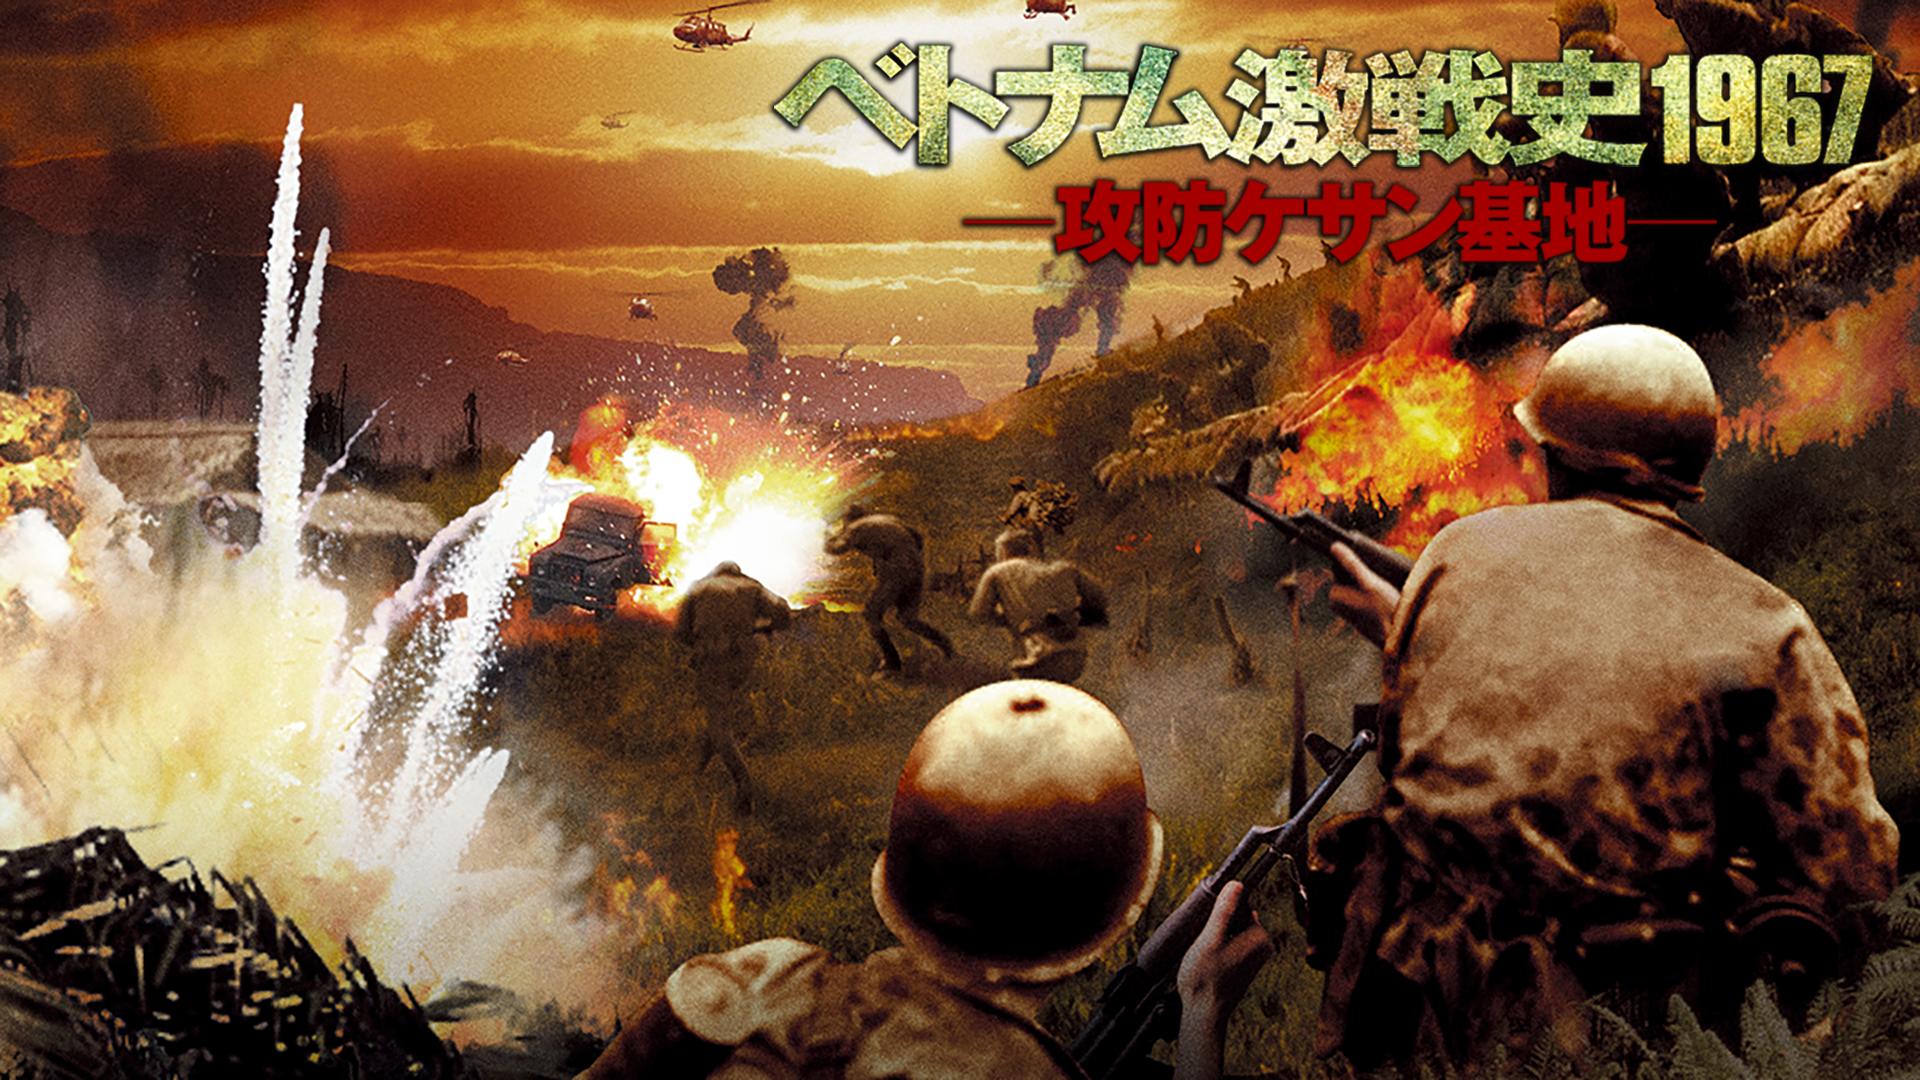 ベトナム激戦史1967 攻防ケサン基地(字幕版)